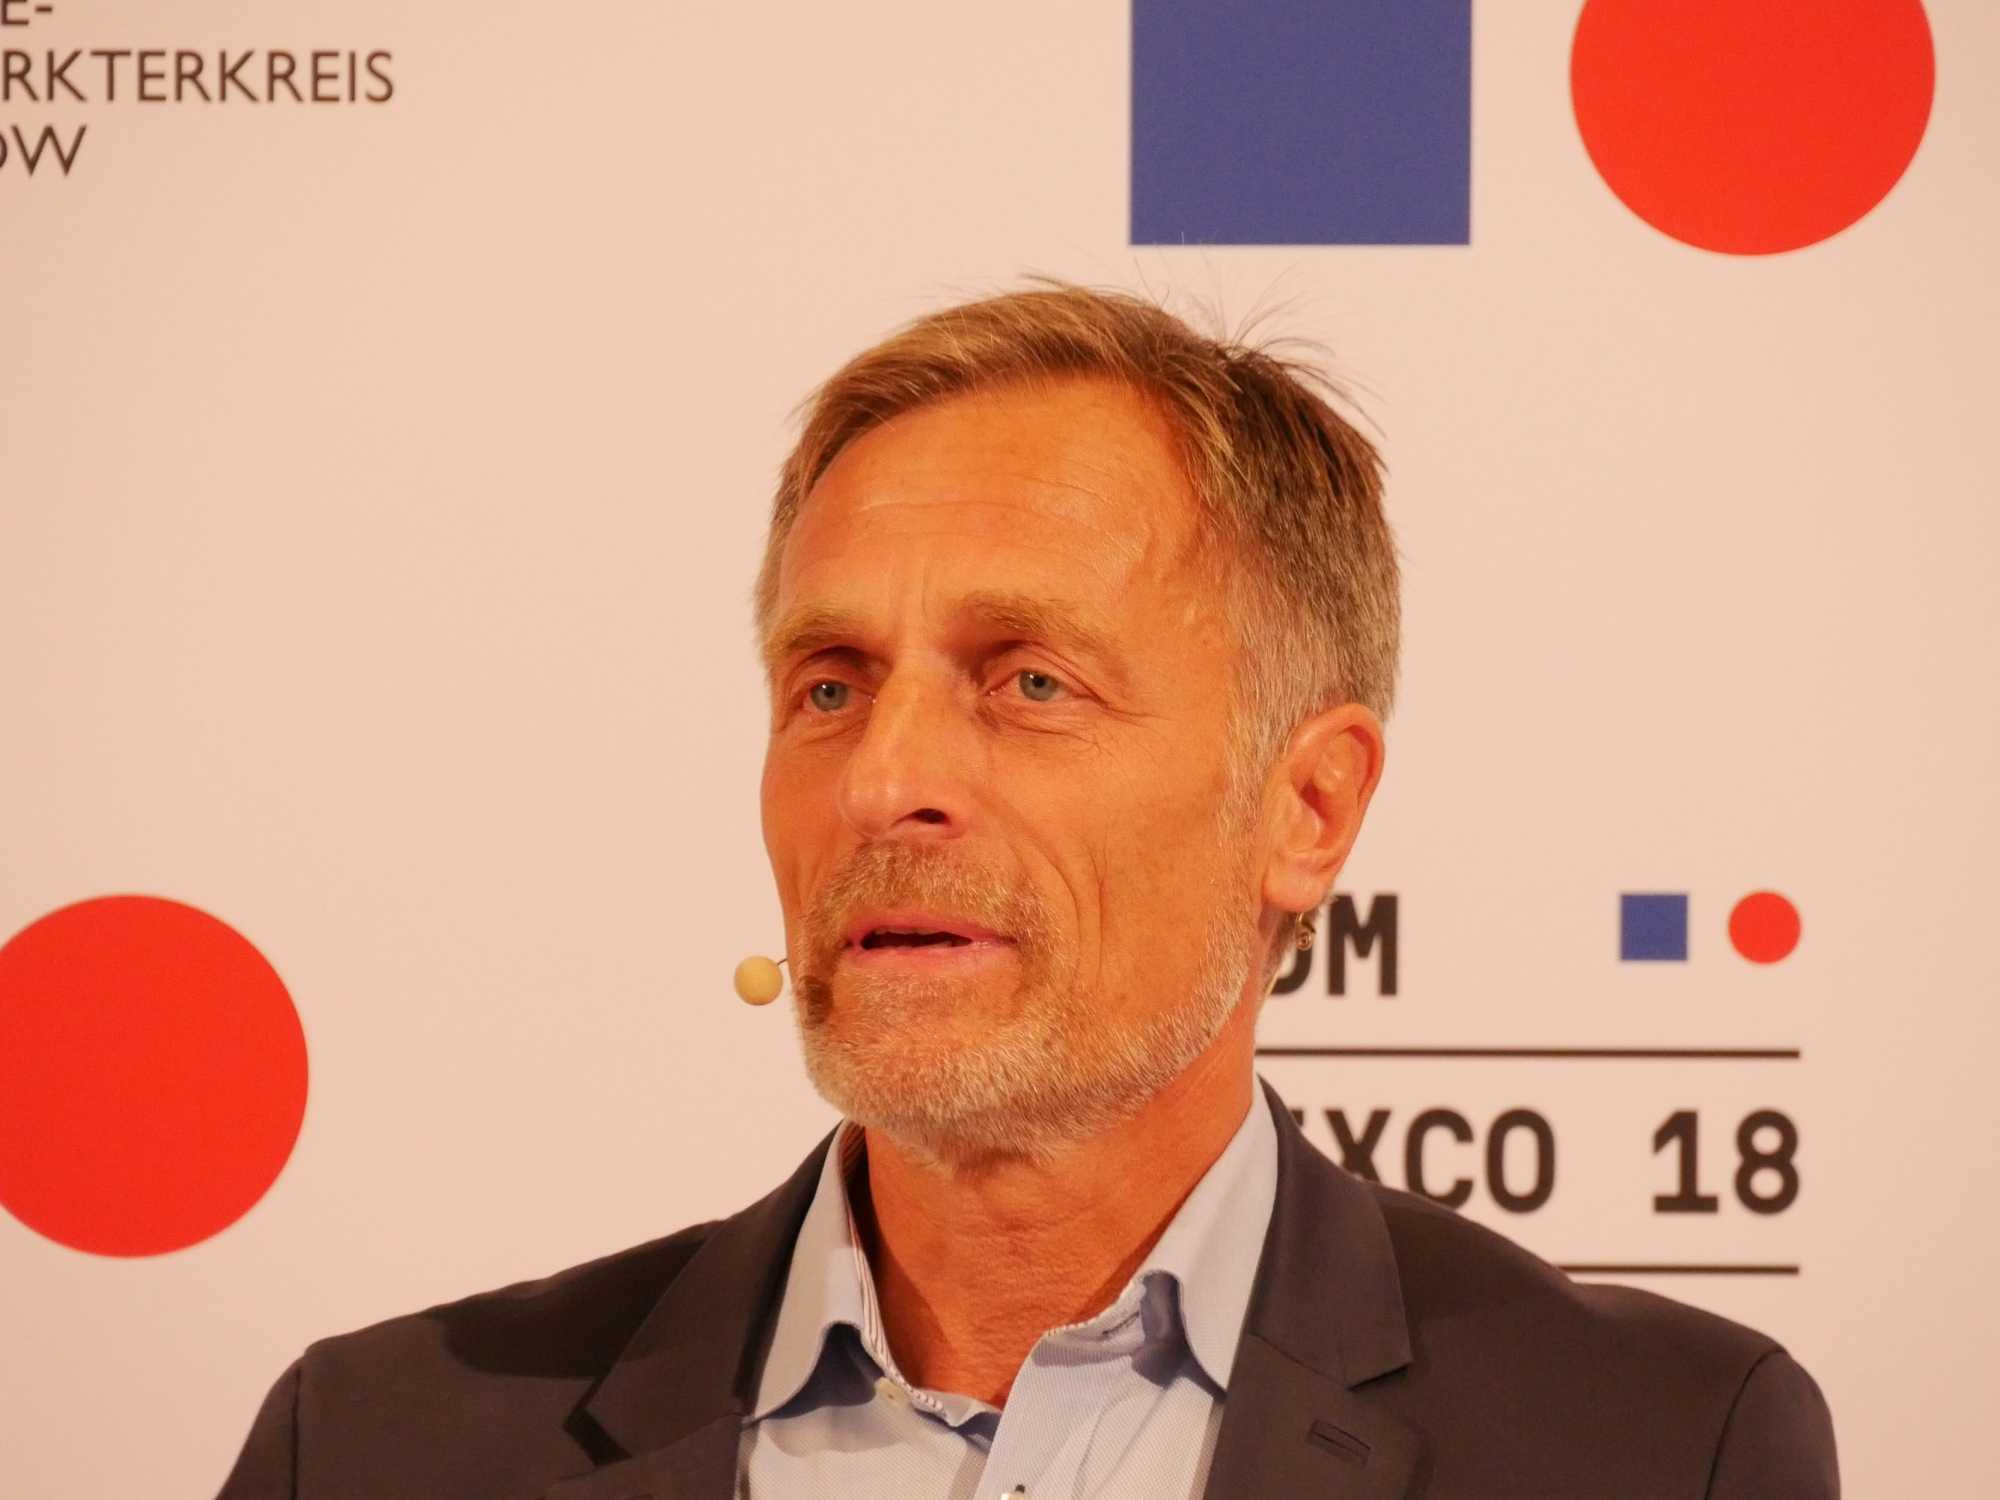 BVDW-Präsident Matthias Wahl warnte vor einer harten ePrivacy-Verordnung.